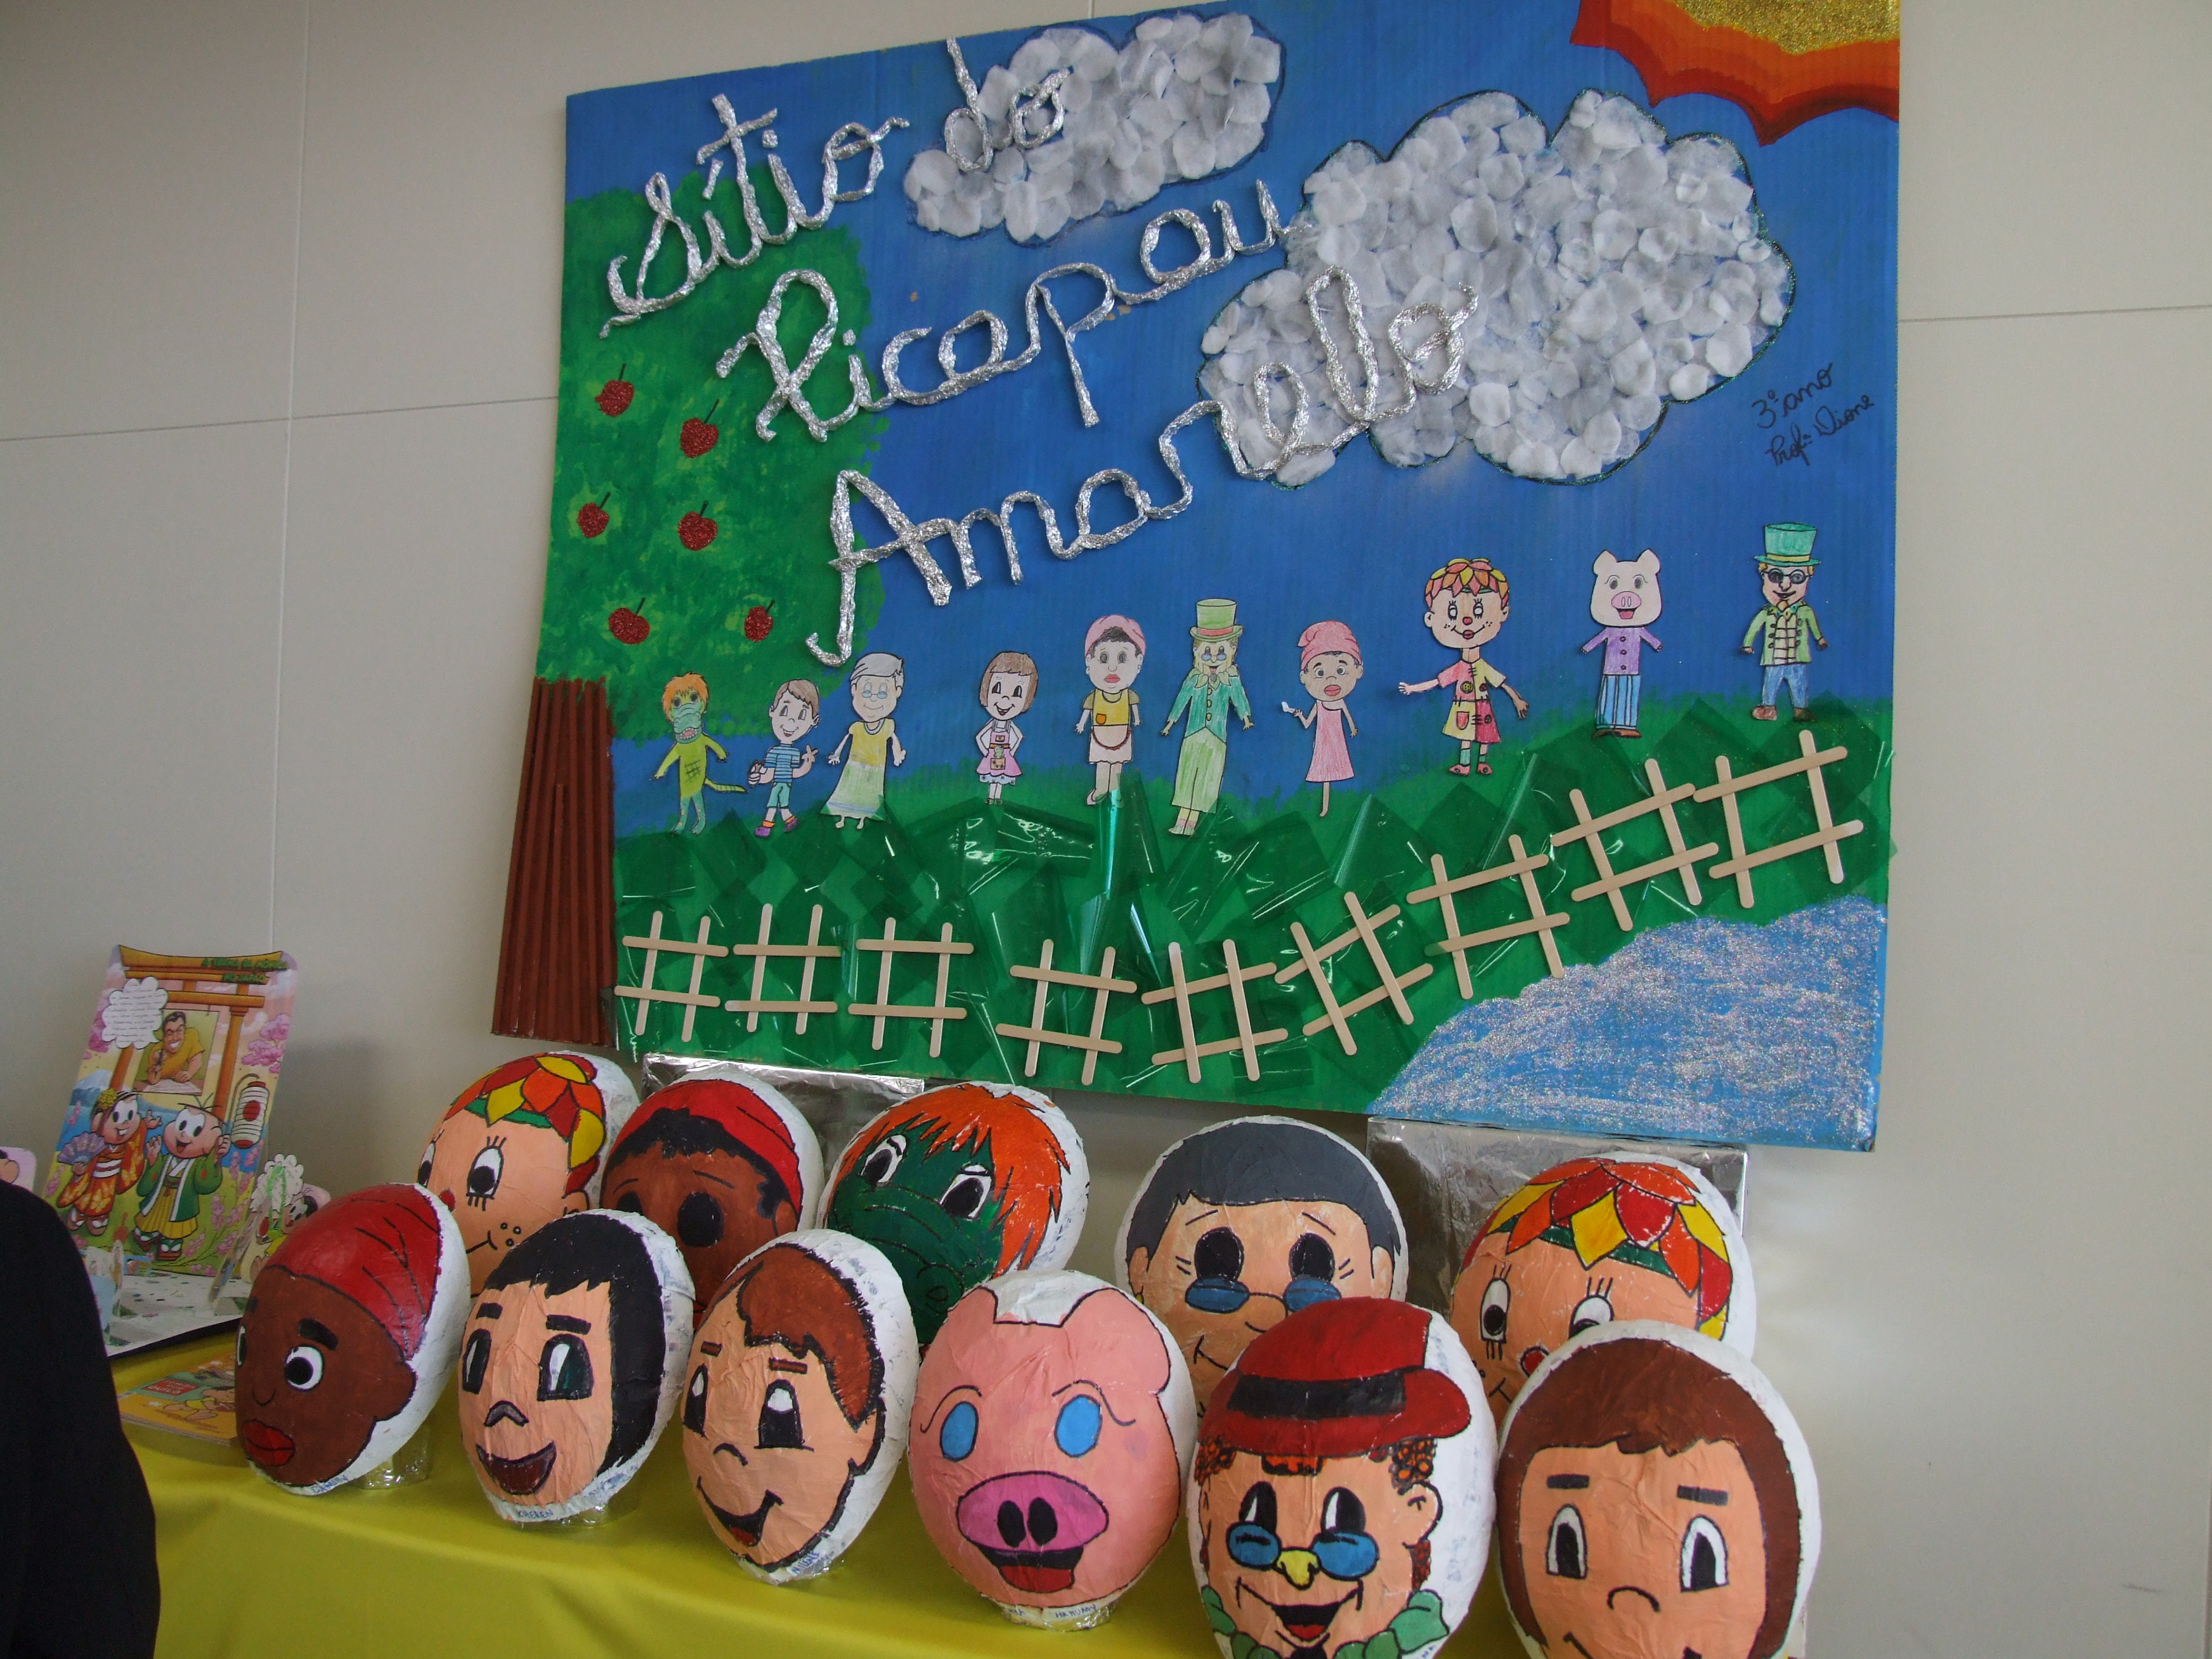 http://www.mundodealegria.org/images/DSCF4559.JPG